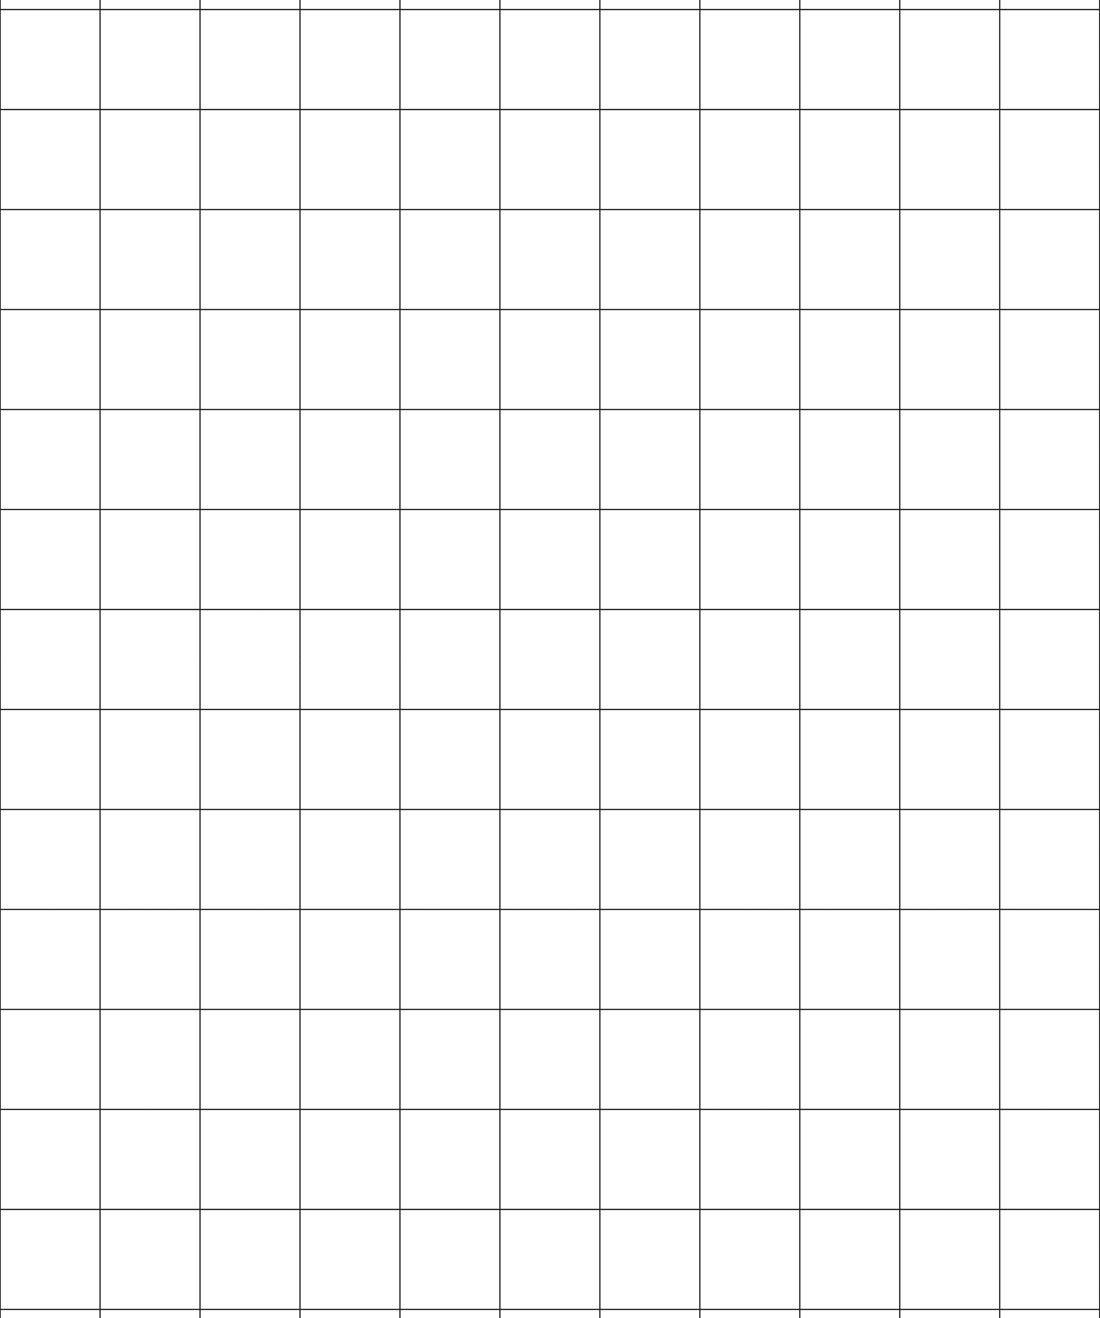 Contact Grid 55 Wallpaper